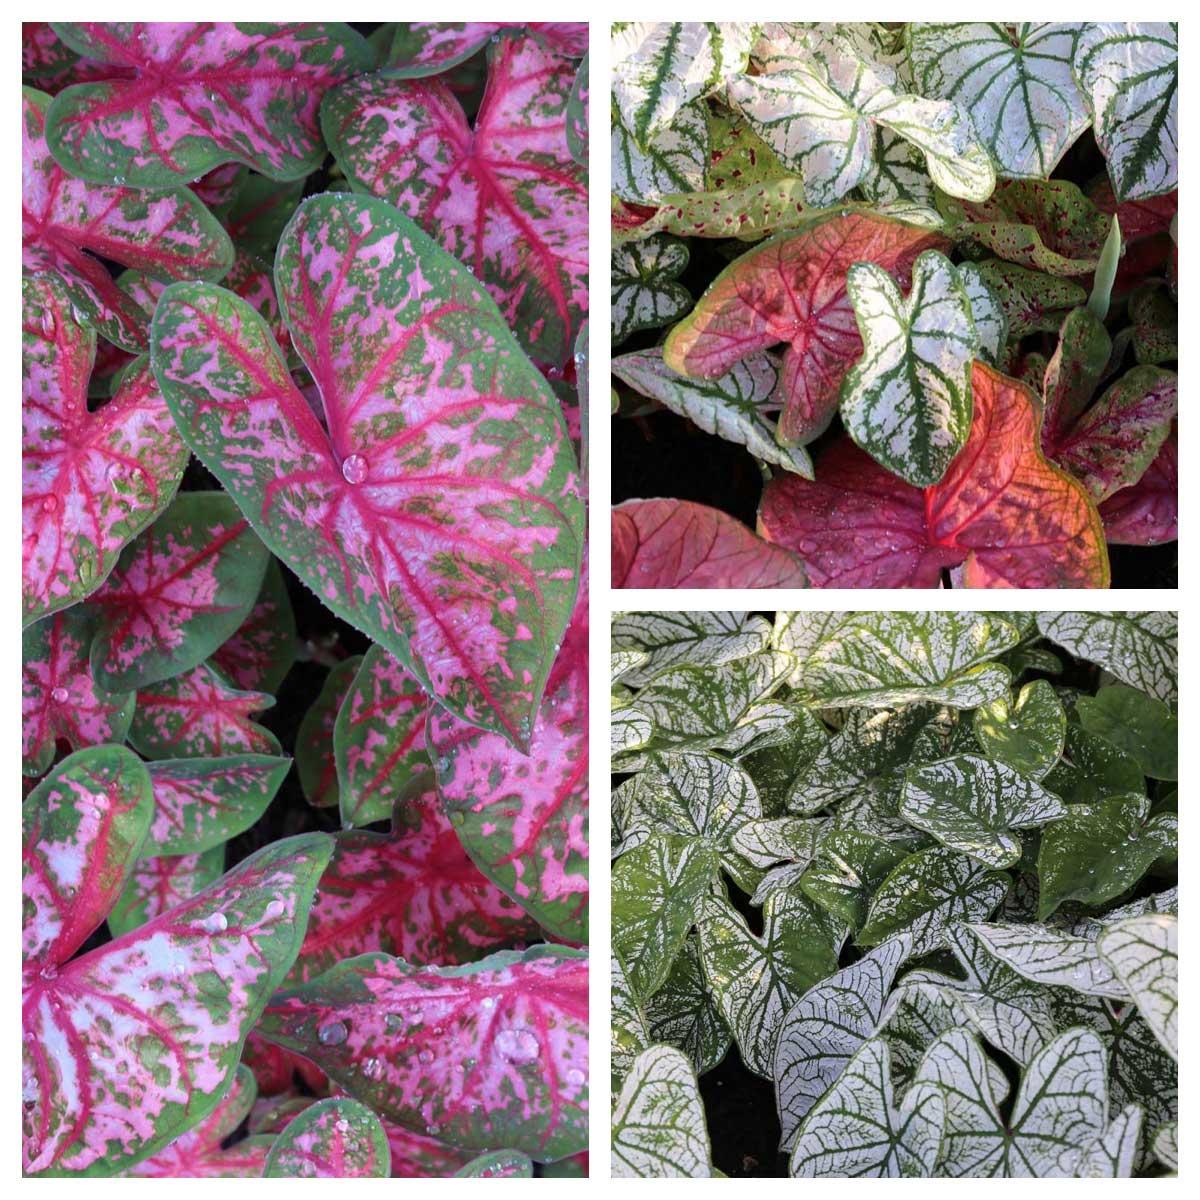 Trial Garden Update Caladiums - Longfield Gardens